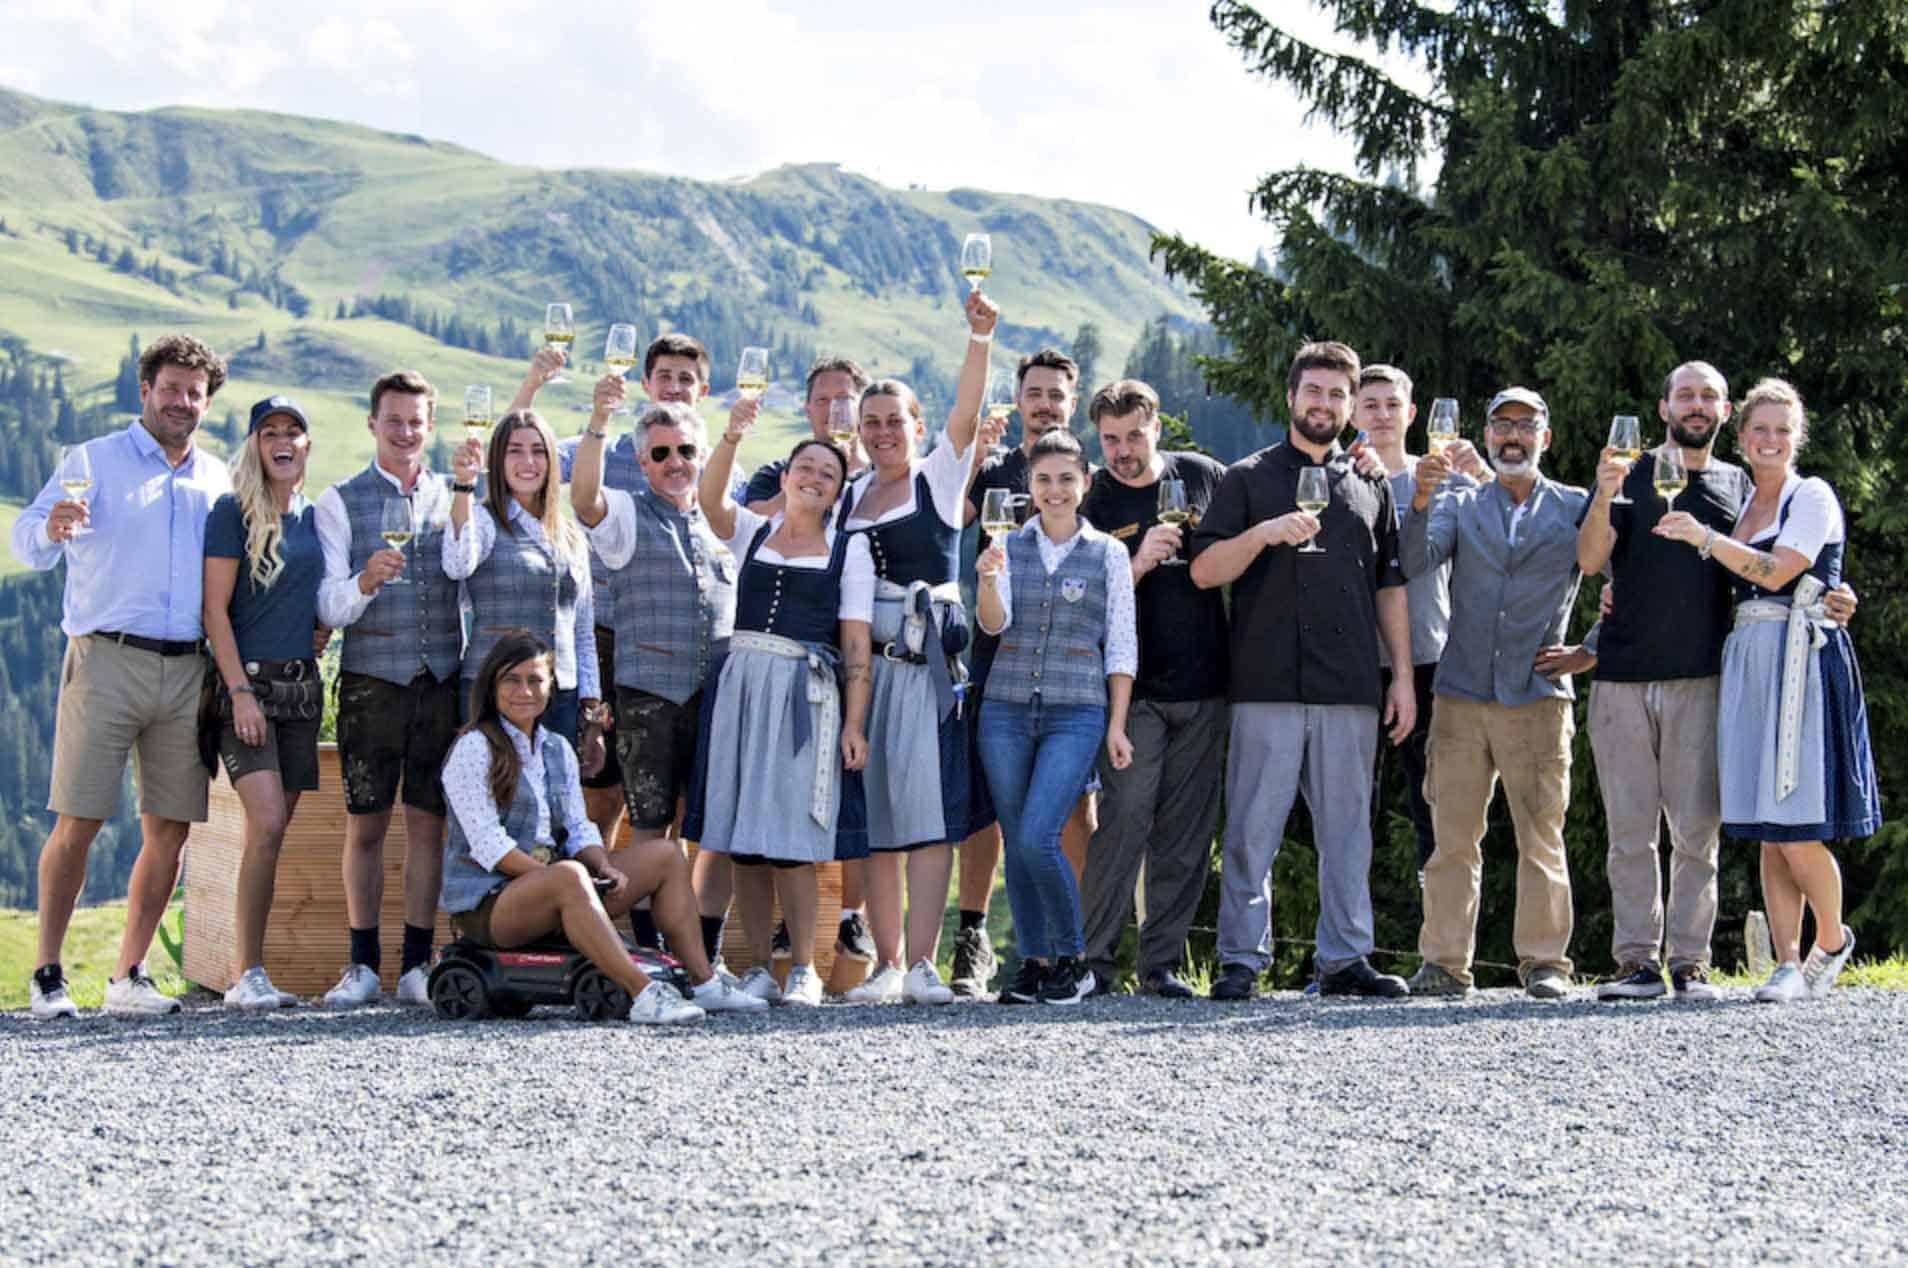 Das Sonnbuehel Team am Hahnenkamm in Trachtenmode. Darunter AlpenHerz Trachtenmode